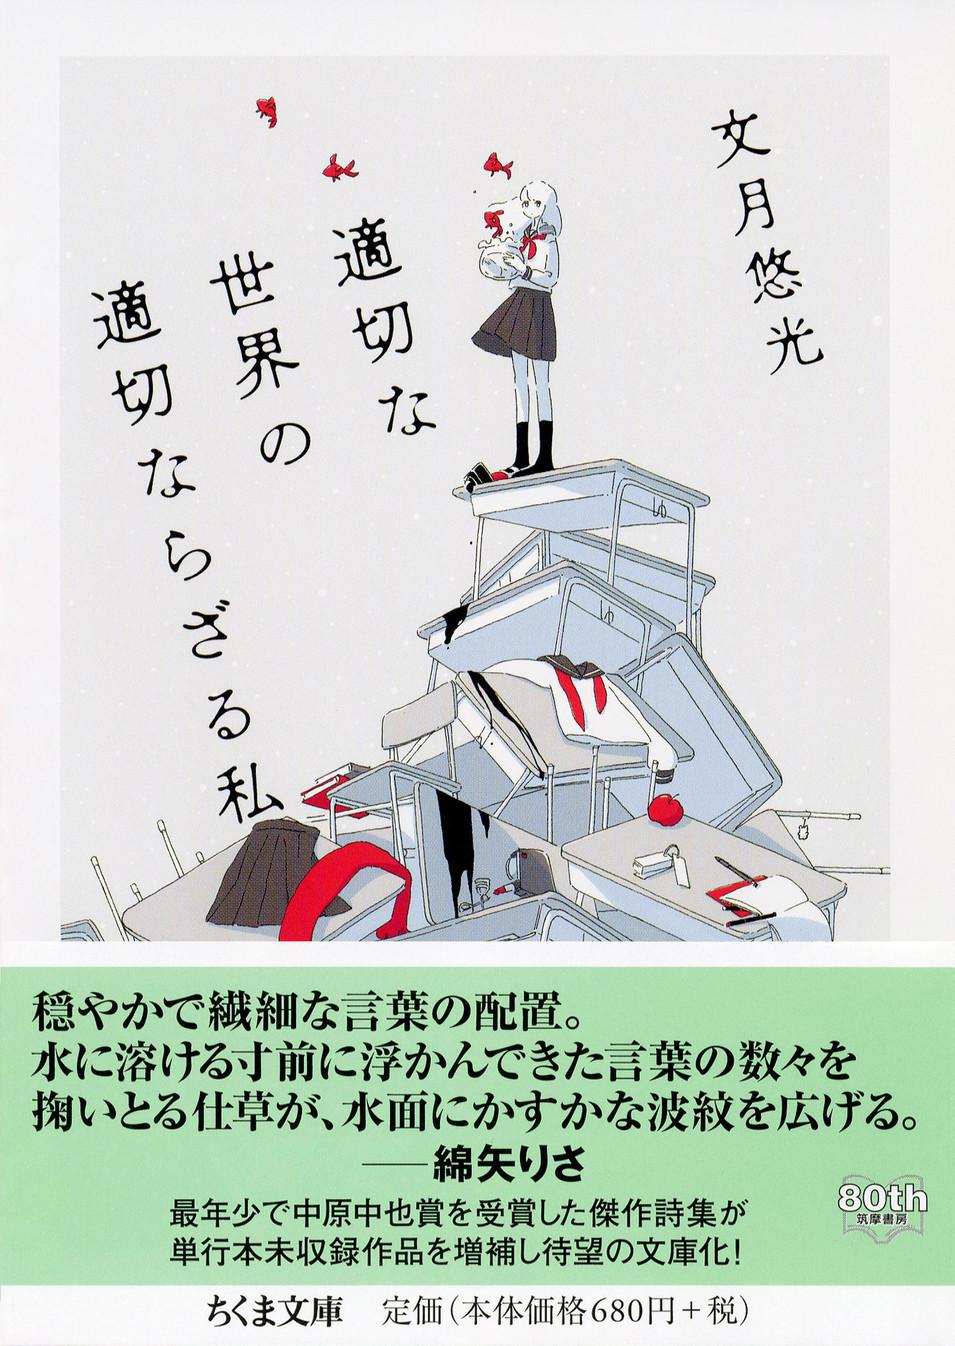 『適切な世界の適切ならざる私』文庫版装画 著:文月悠光さん 筑摩書房